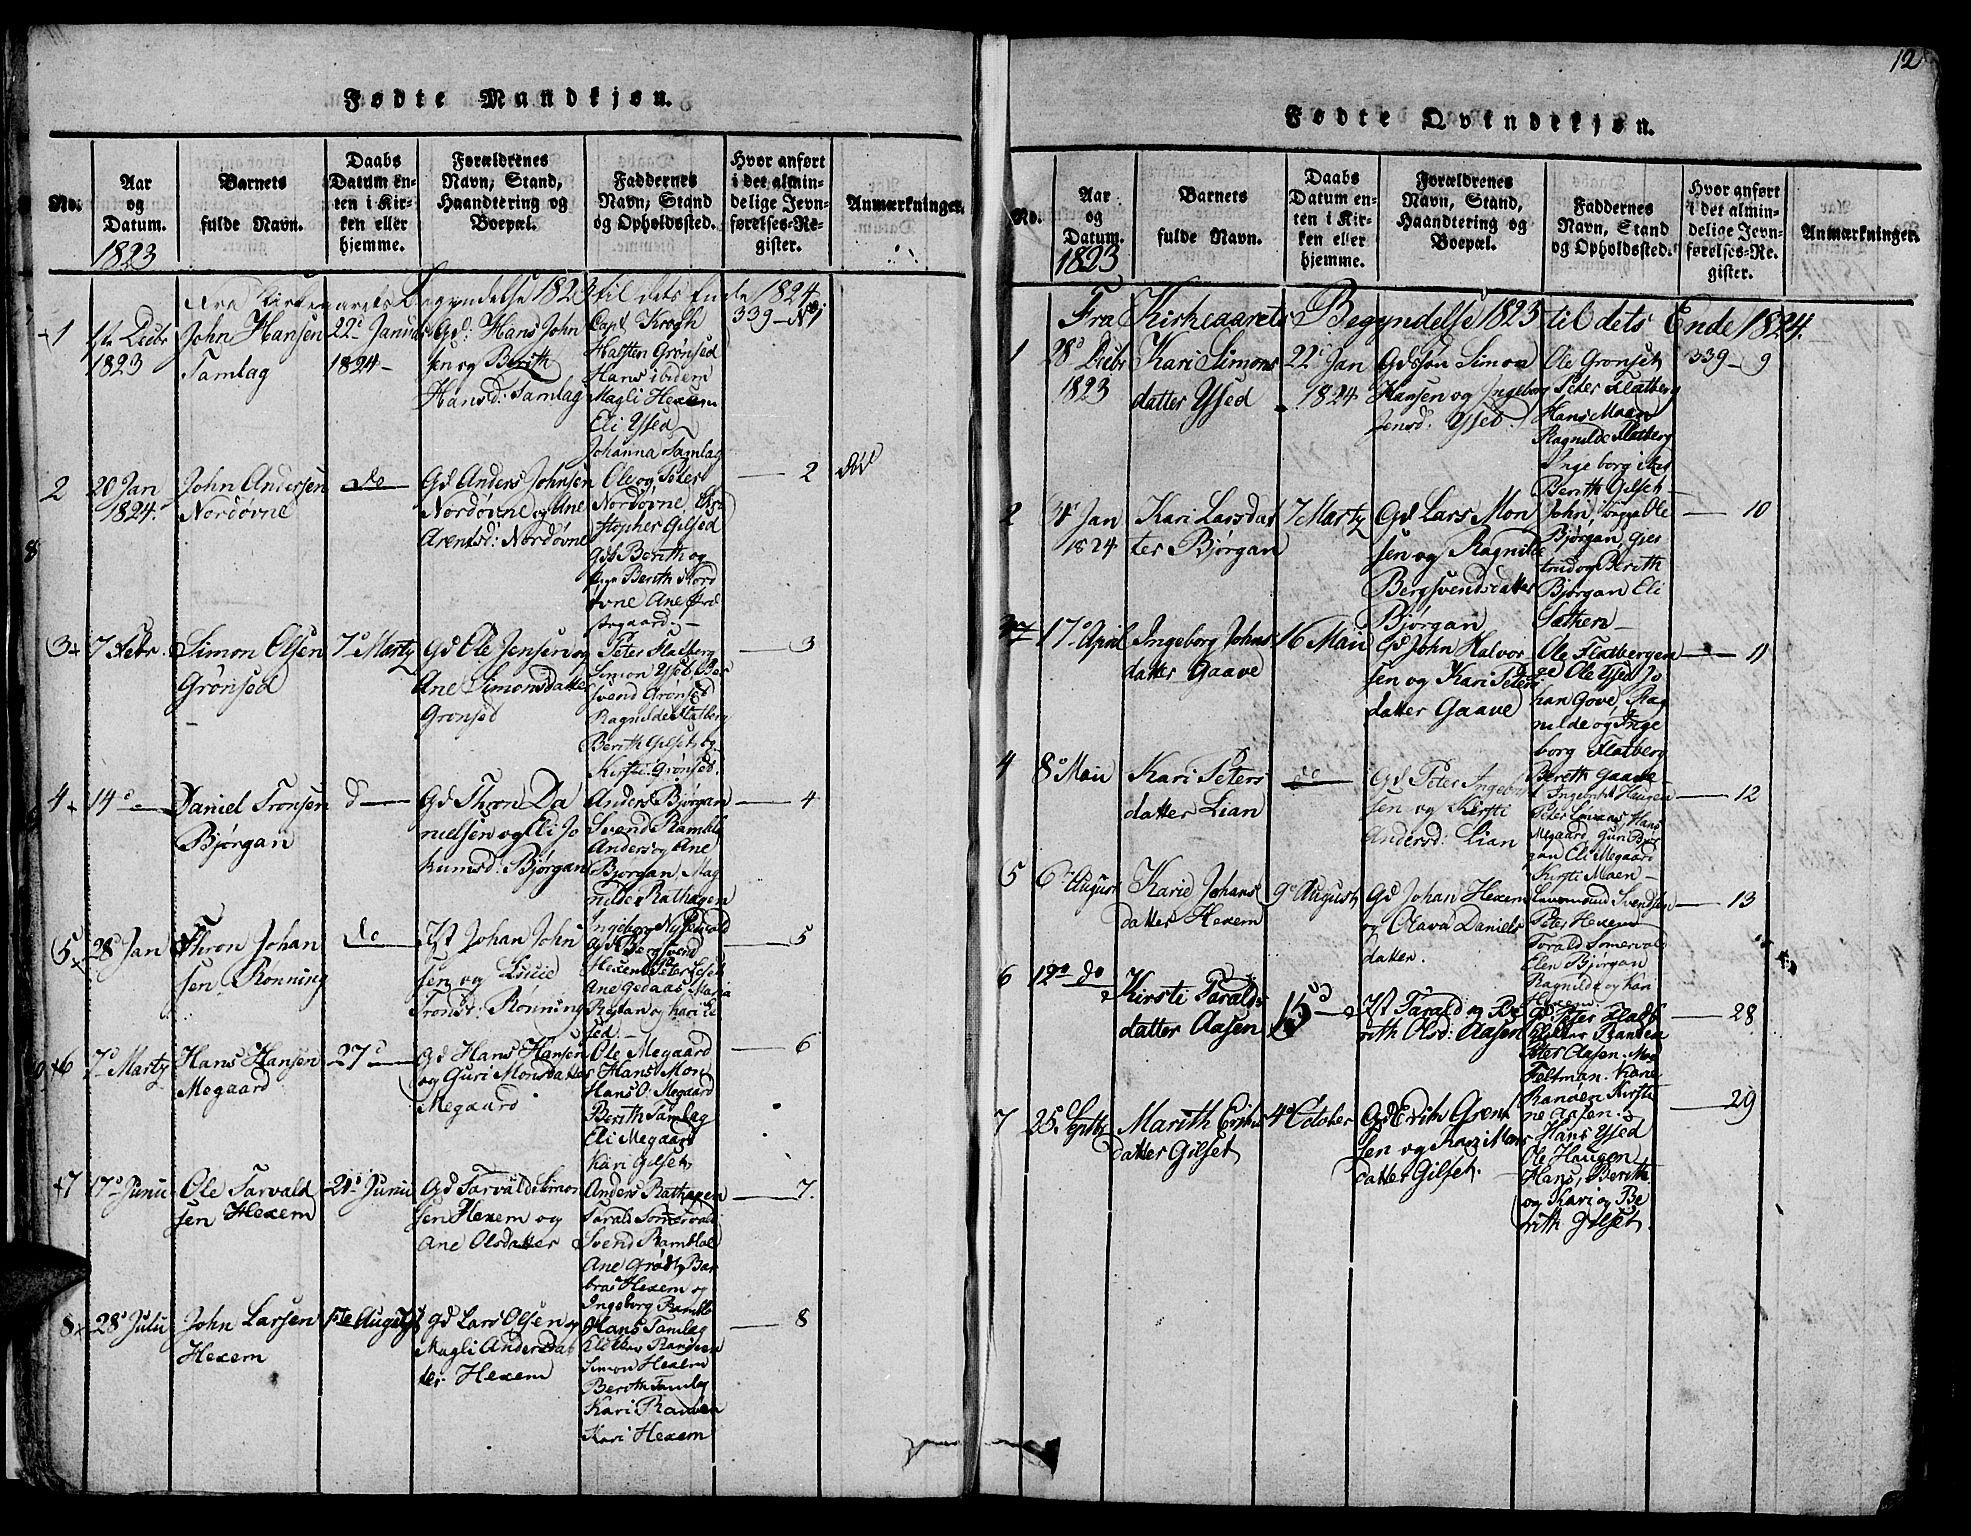 SAT, Ministerialprotokoller, klokkerbøker og fødselsregistre - Sør-Trøndelag, 685/L0954: Ministerialbok nr. 685A03 /1, 1817-1829, s. 12